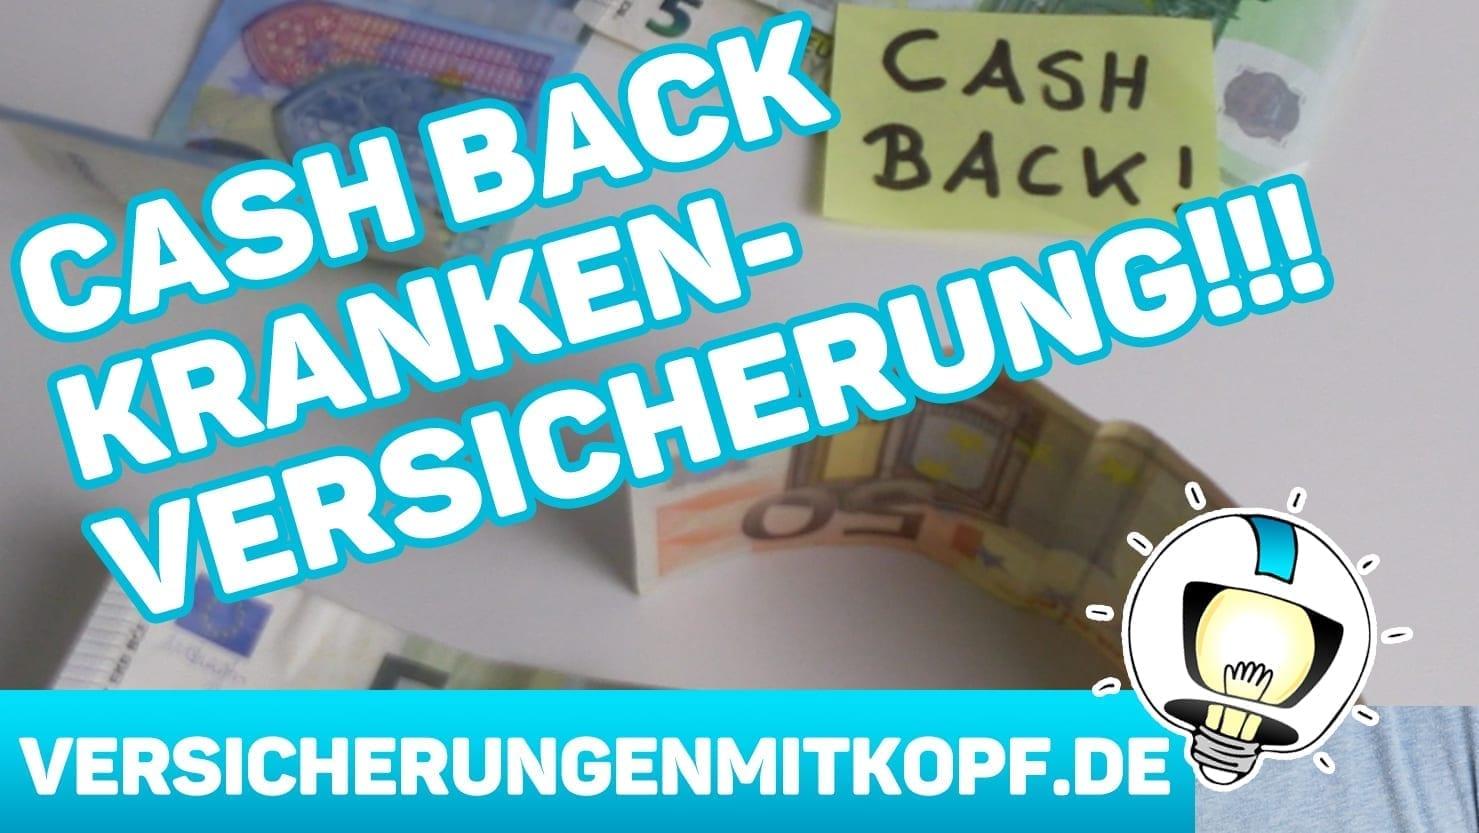 Bis Zu 300 Cash Back Von Deiner Krankenkasse Gesetzlichen